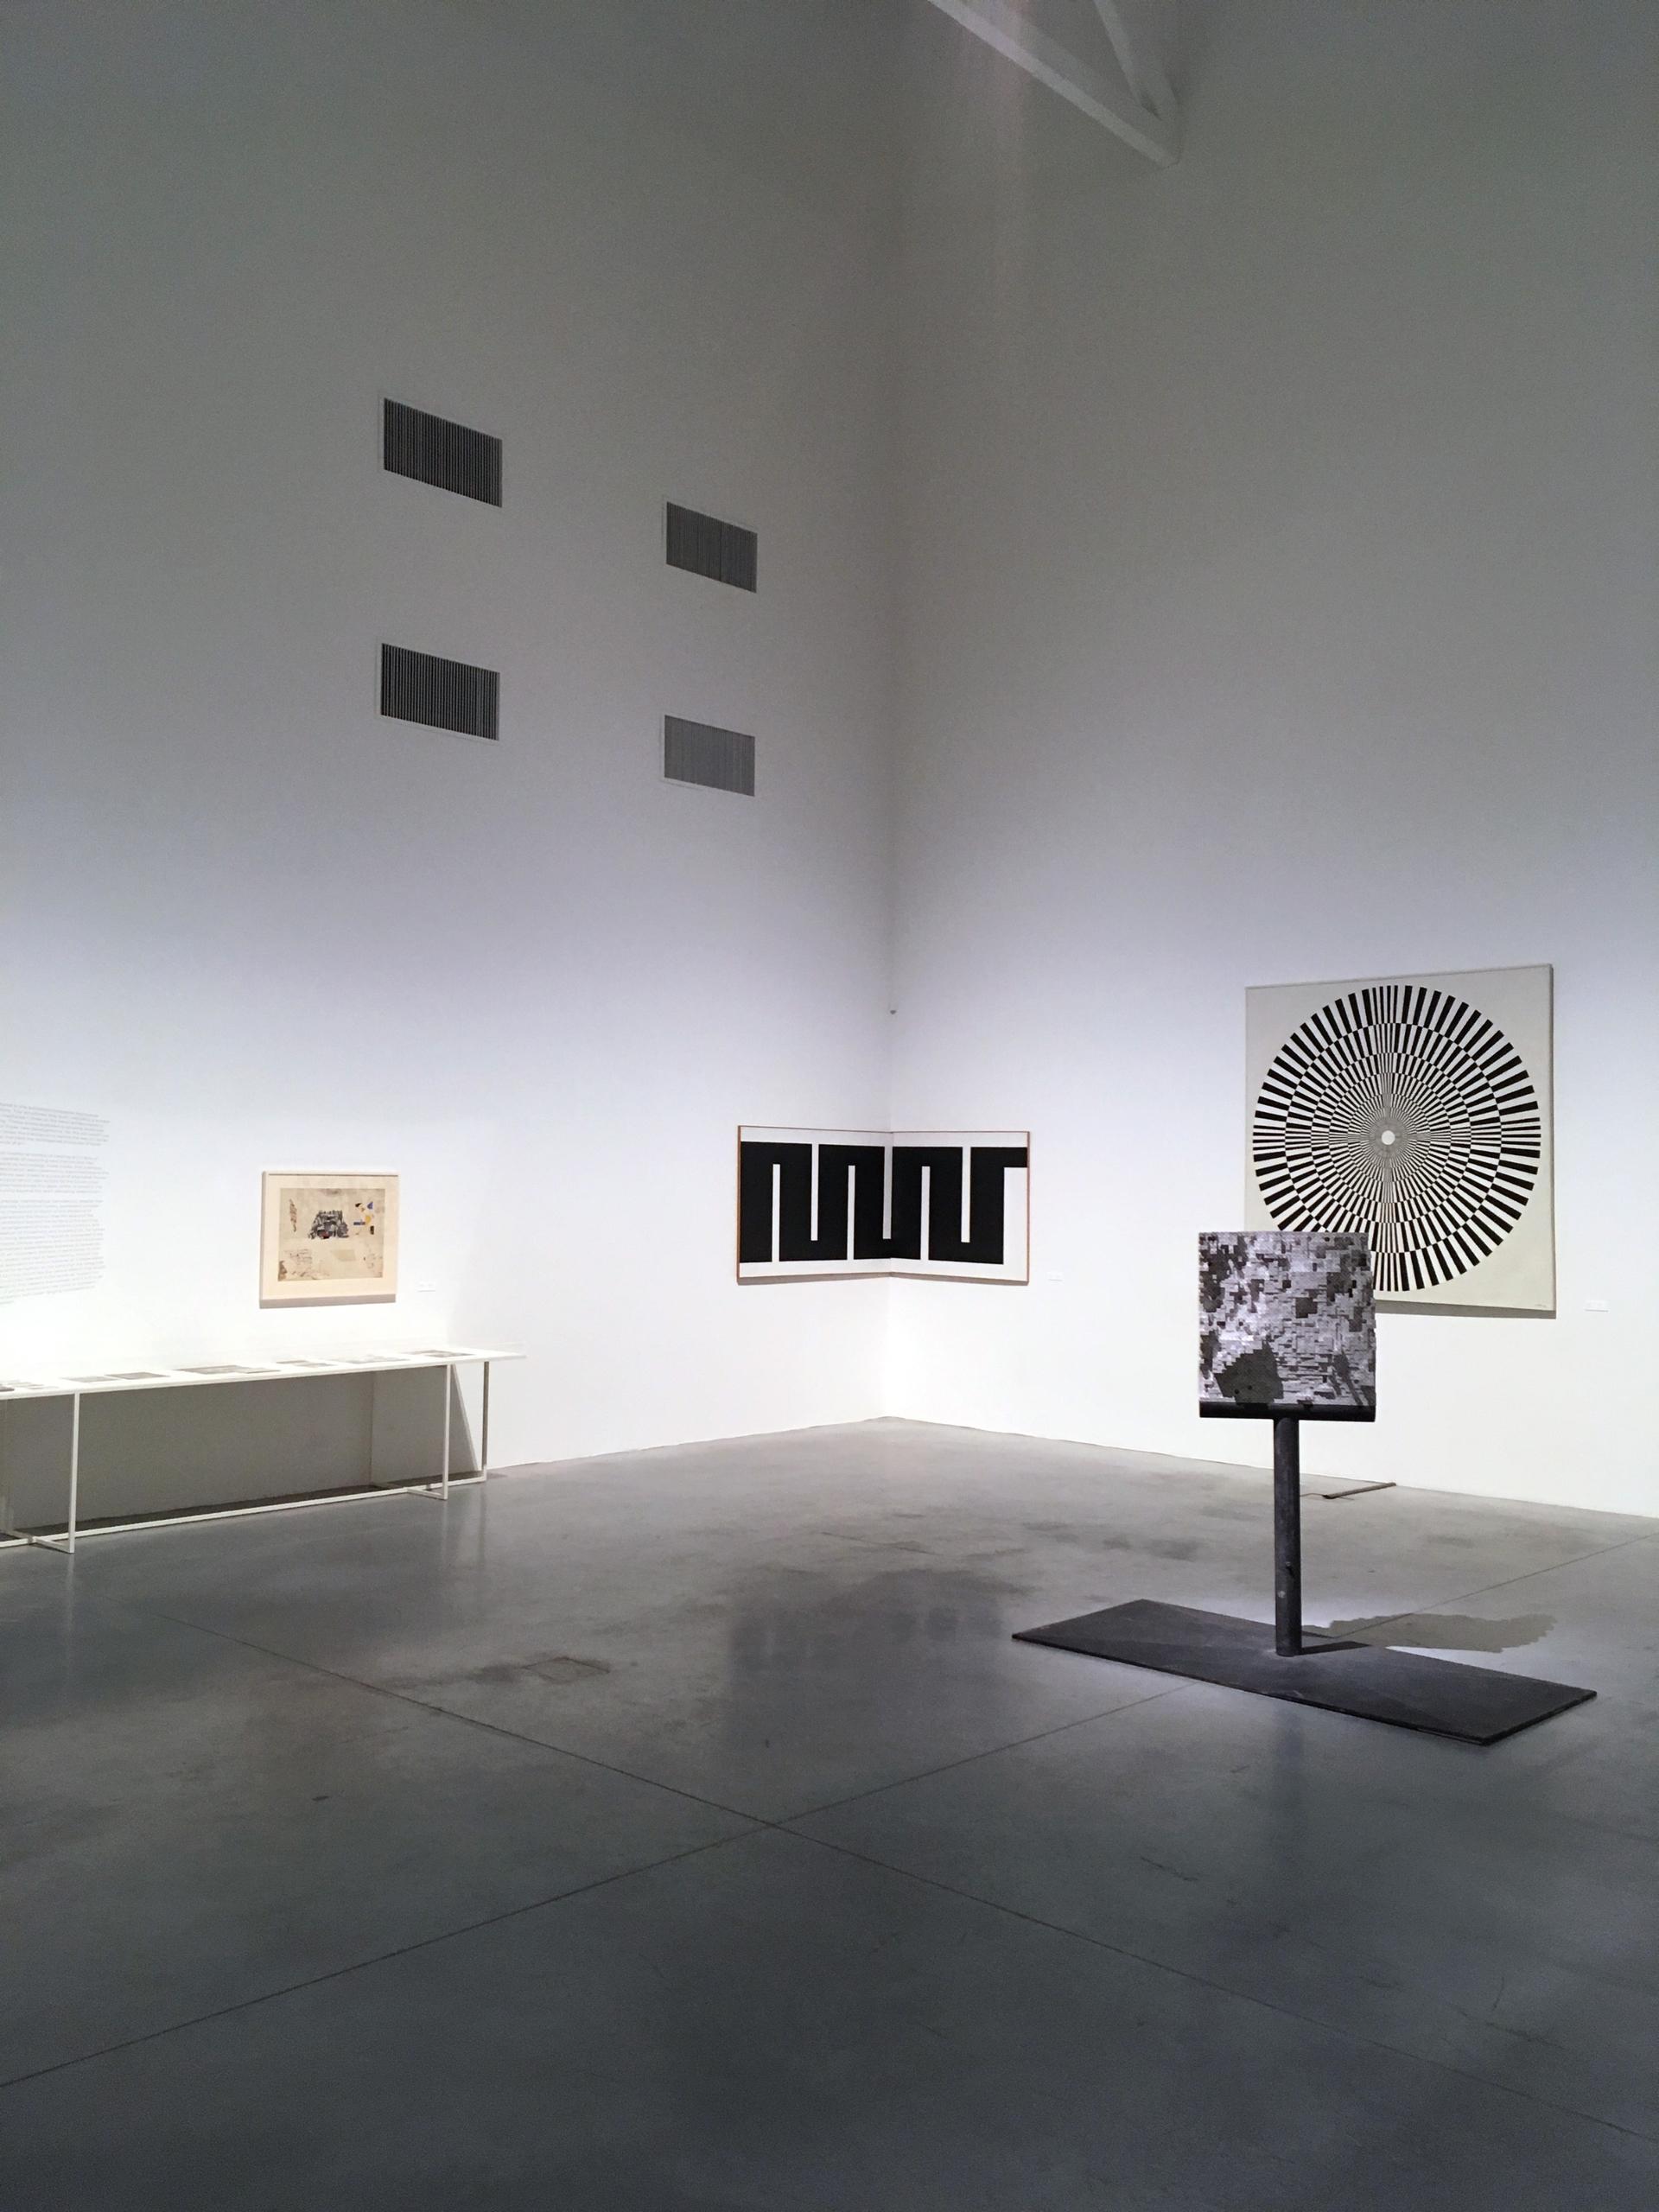 Zdjęcie przedstawia pomieszczenie z białymi ścianami. Na ścianach wiszą obrazy, a na podłodze stoją rzeźby.